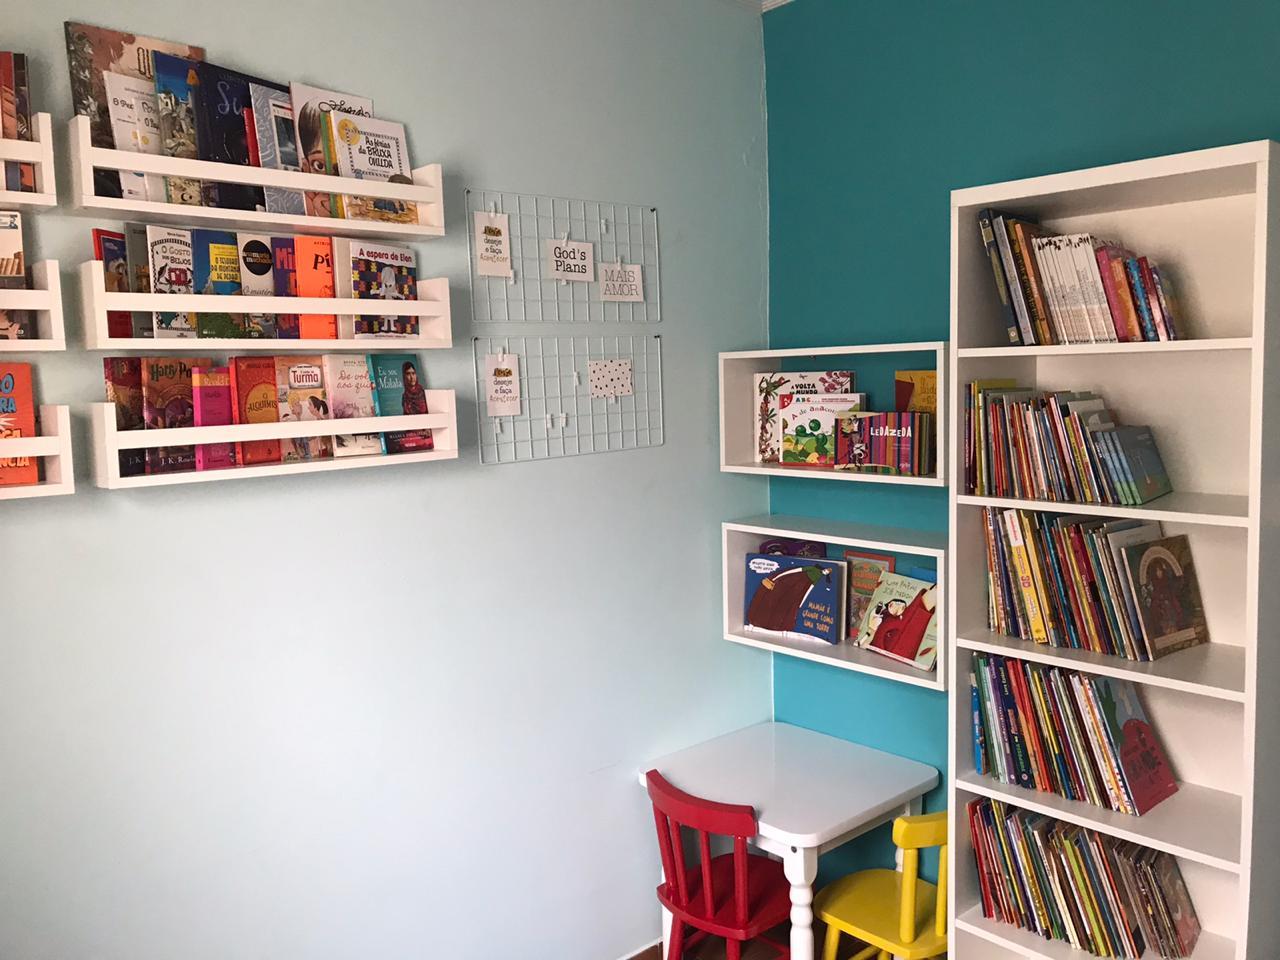 novas estantes e livros